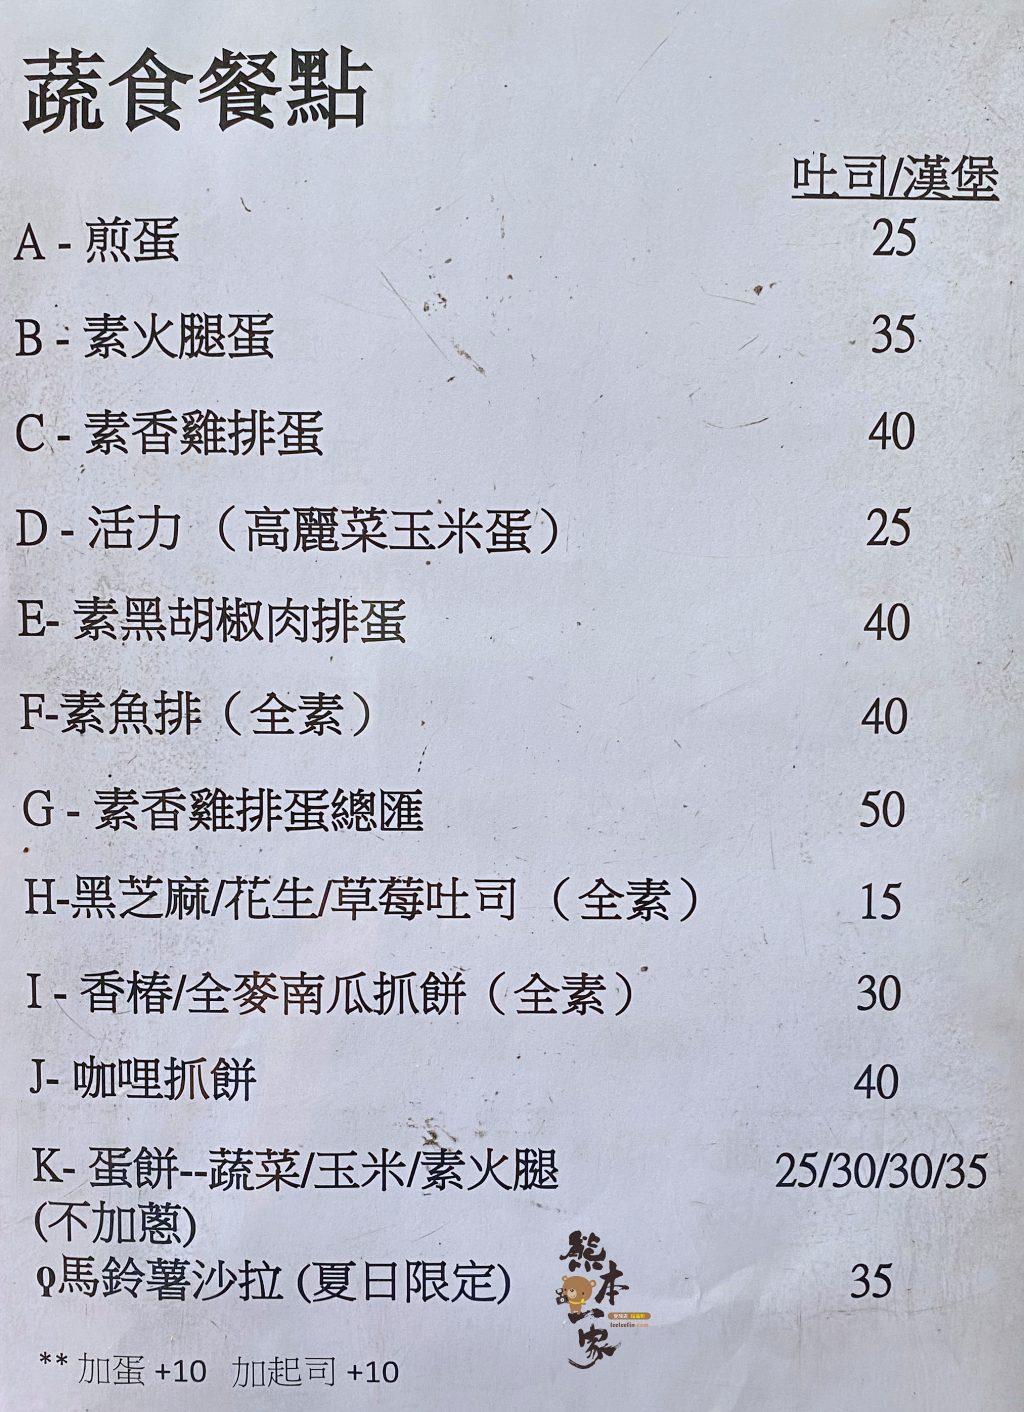 志業早餐菜單menu(也有蔬食素食) 放大清晰版詳細分類資訊